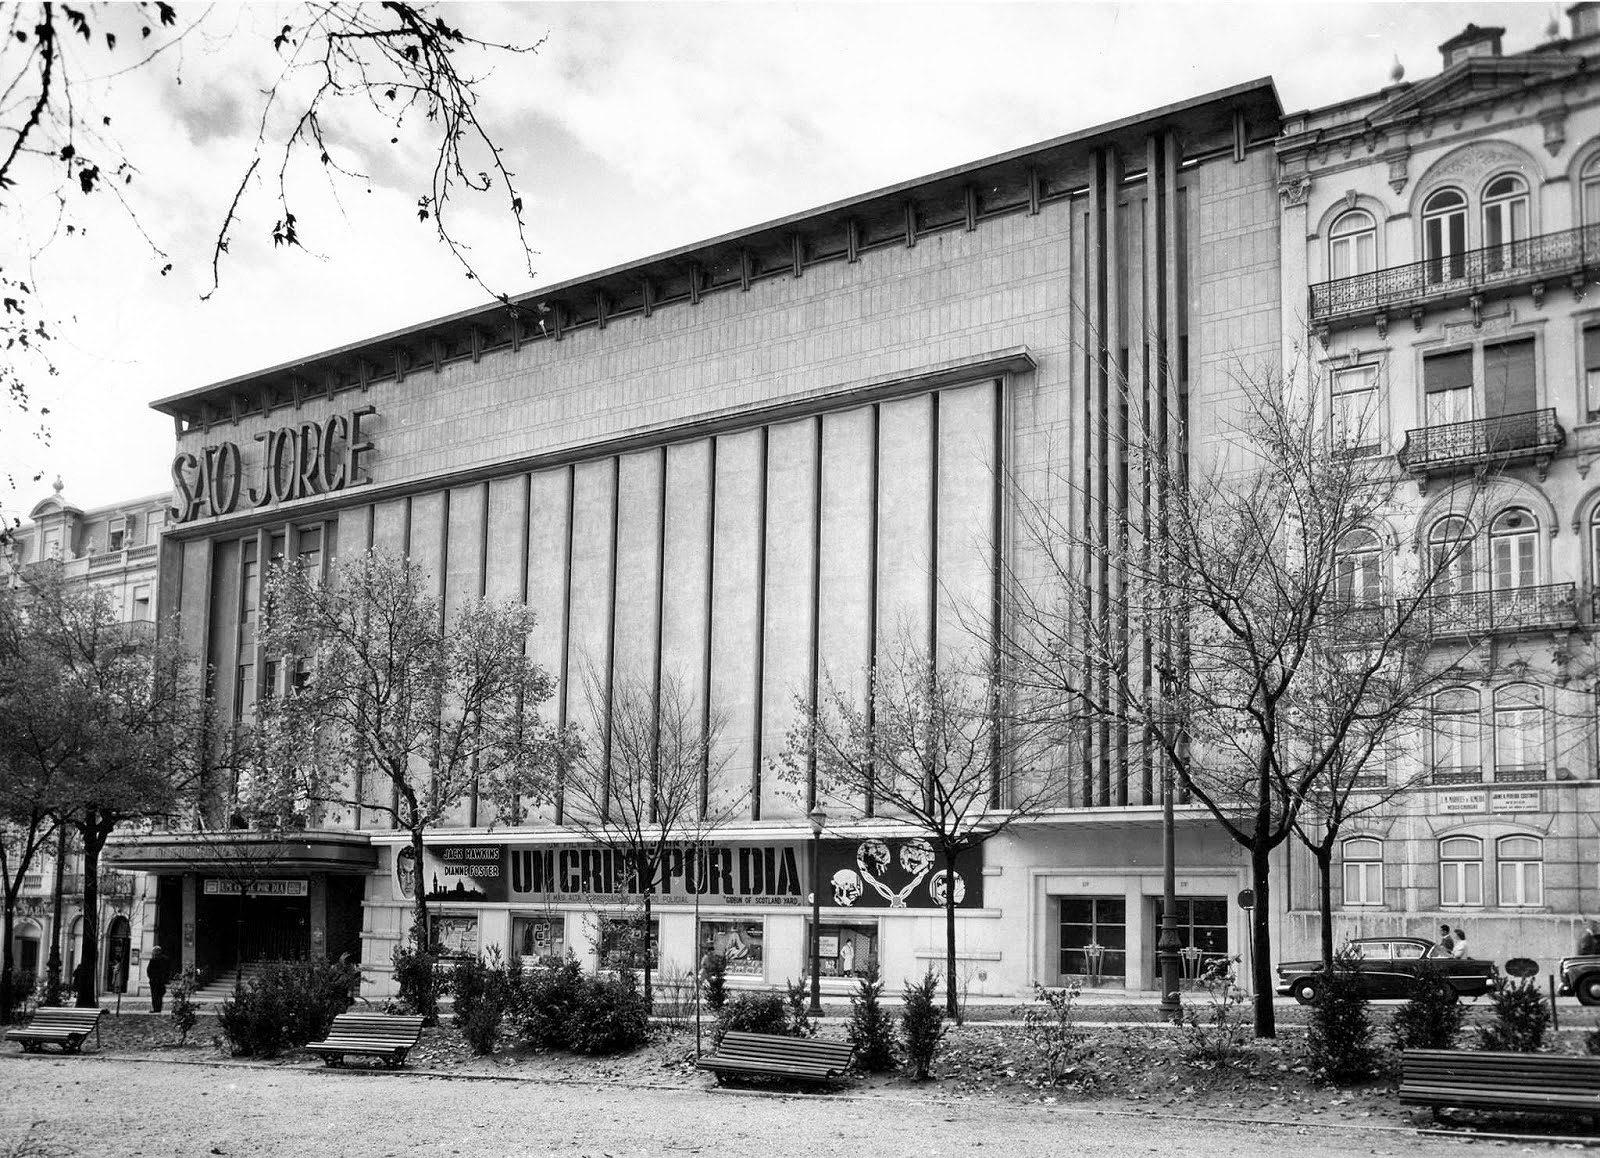 Cinema São Jorge um 1950.